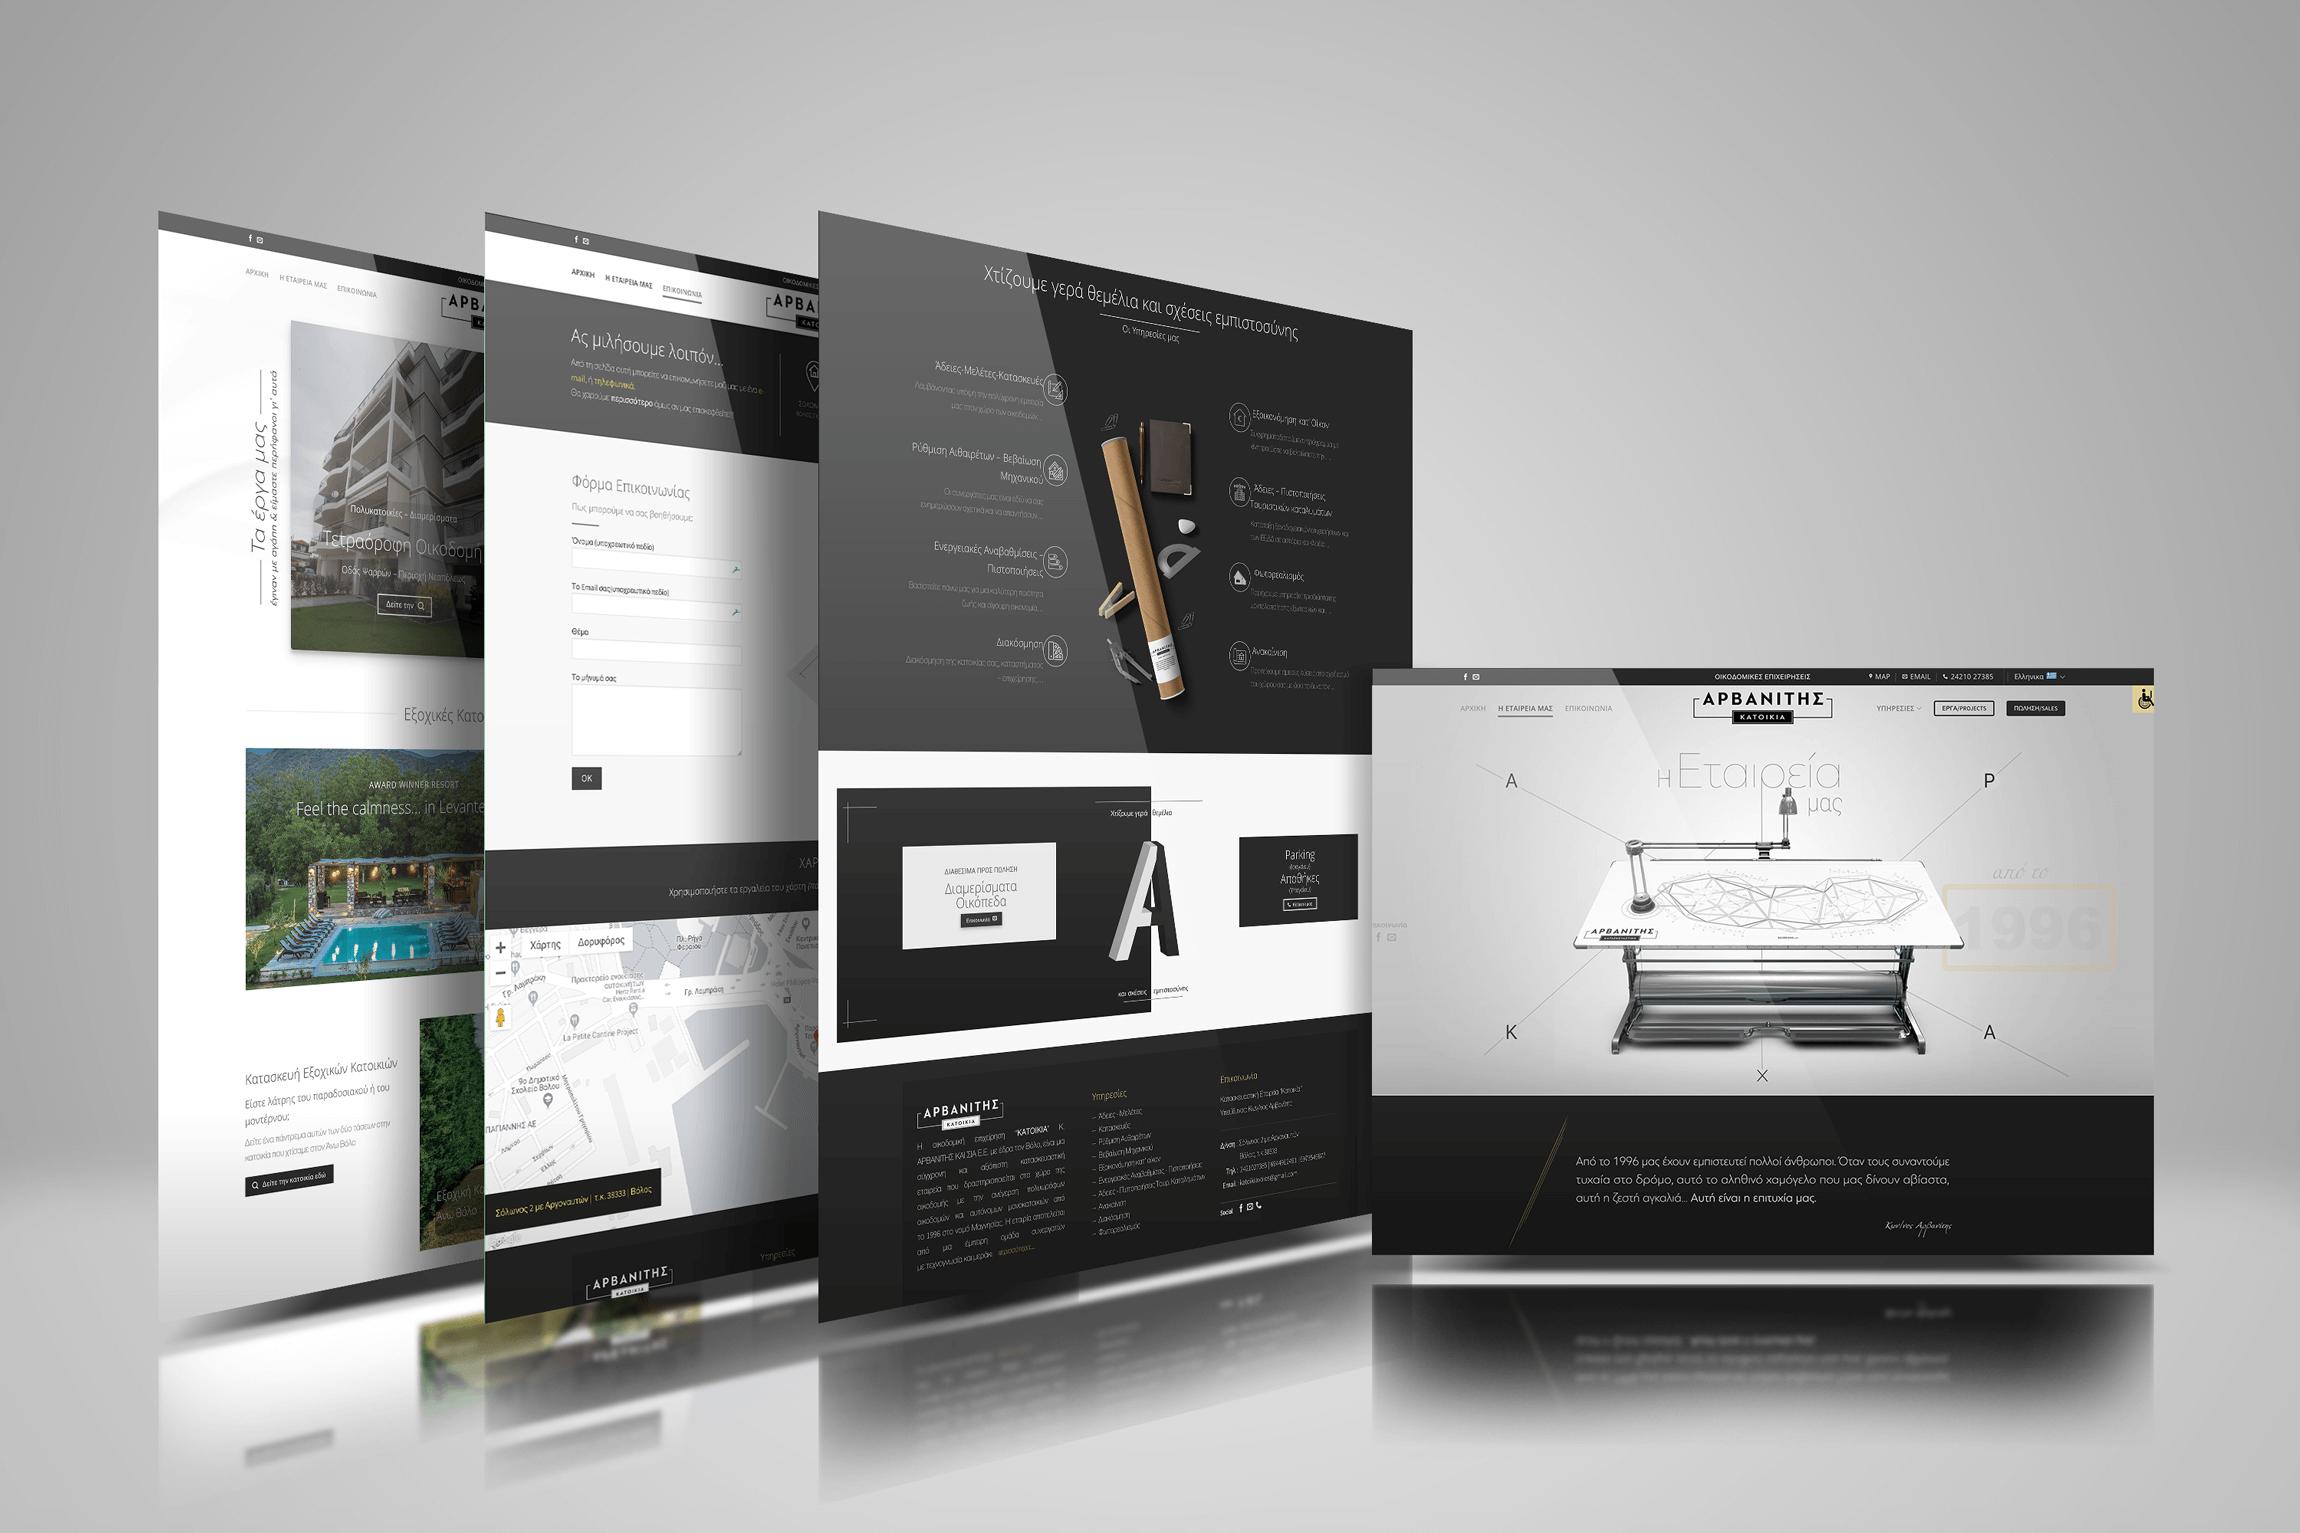 2. Website-Showcase